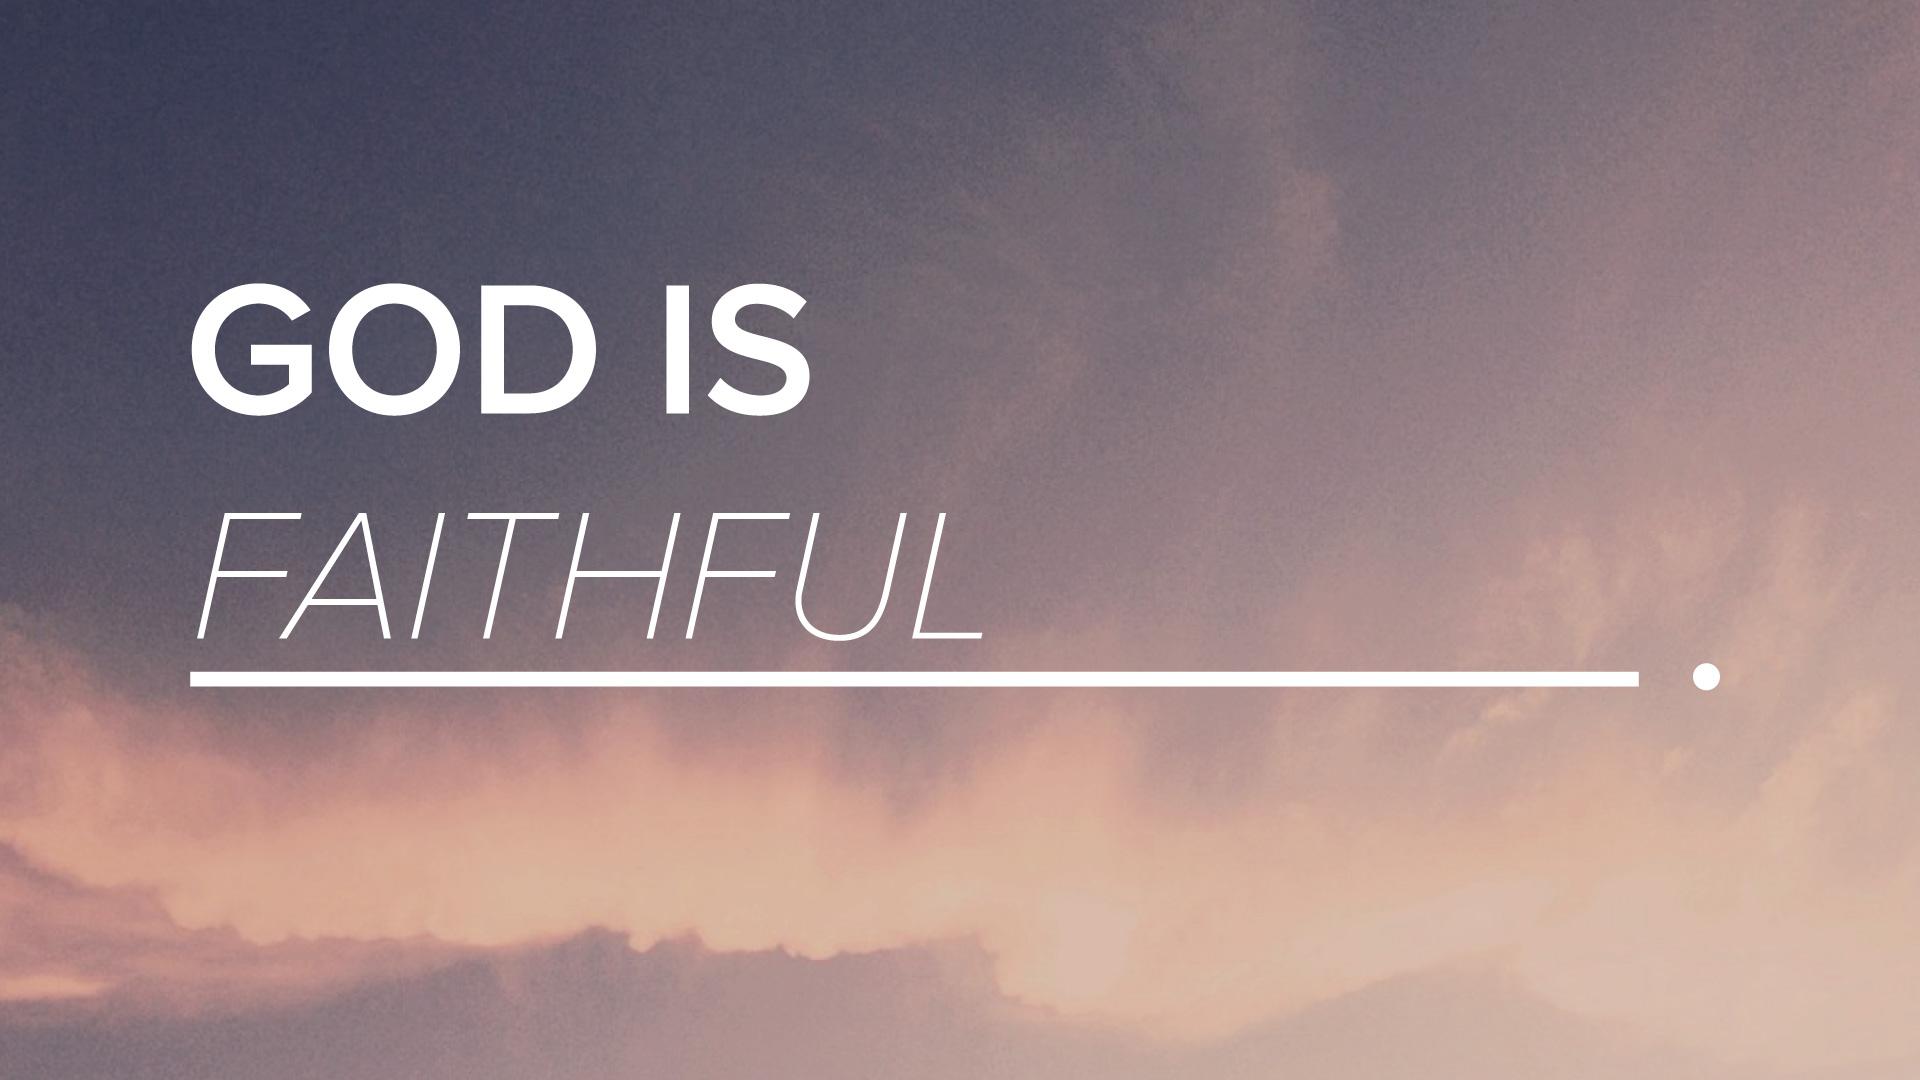 God-Is-Faithful-2.jpg